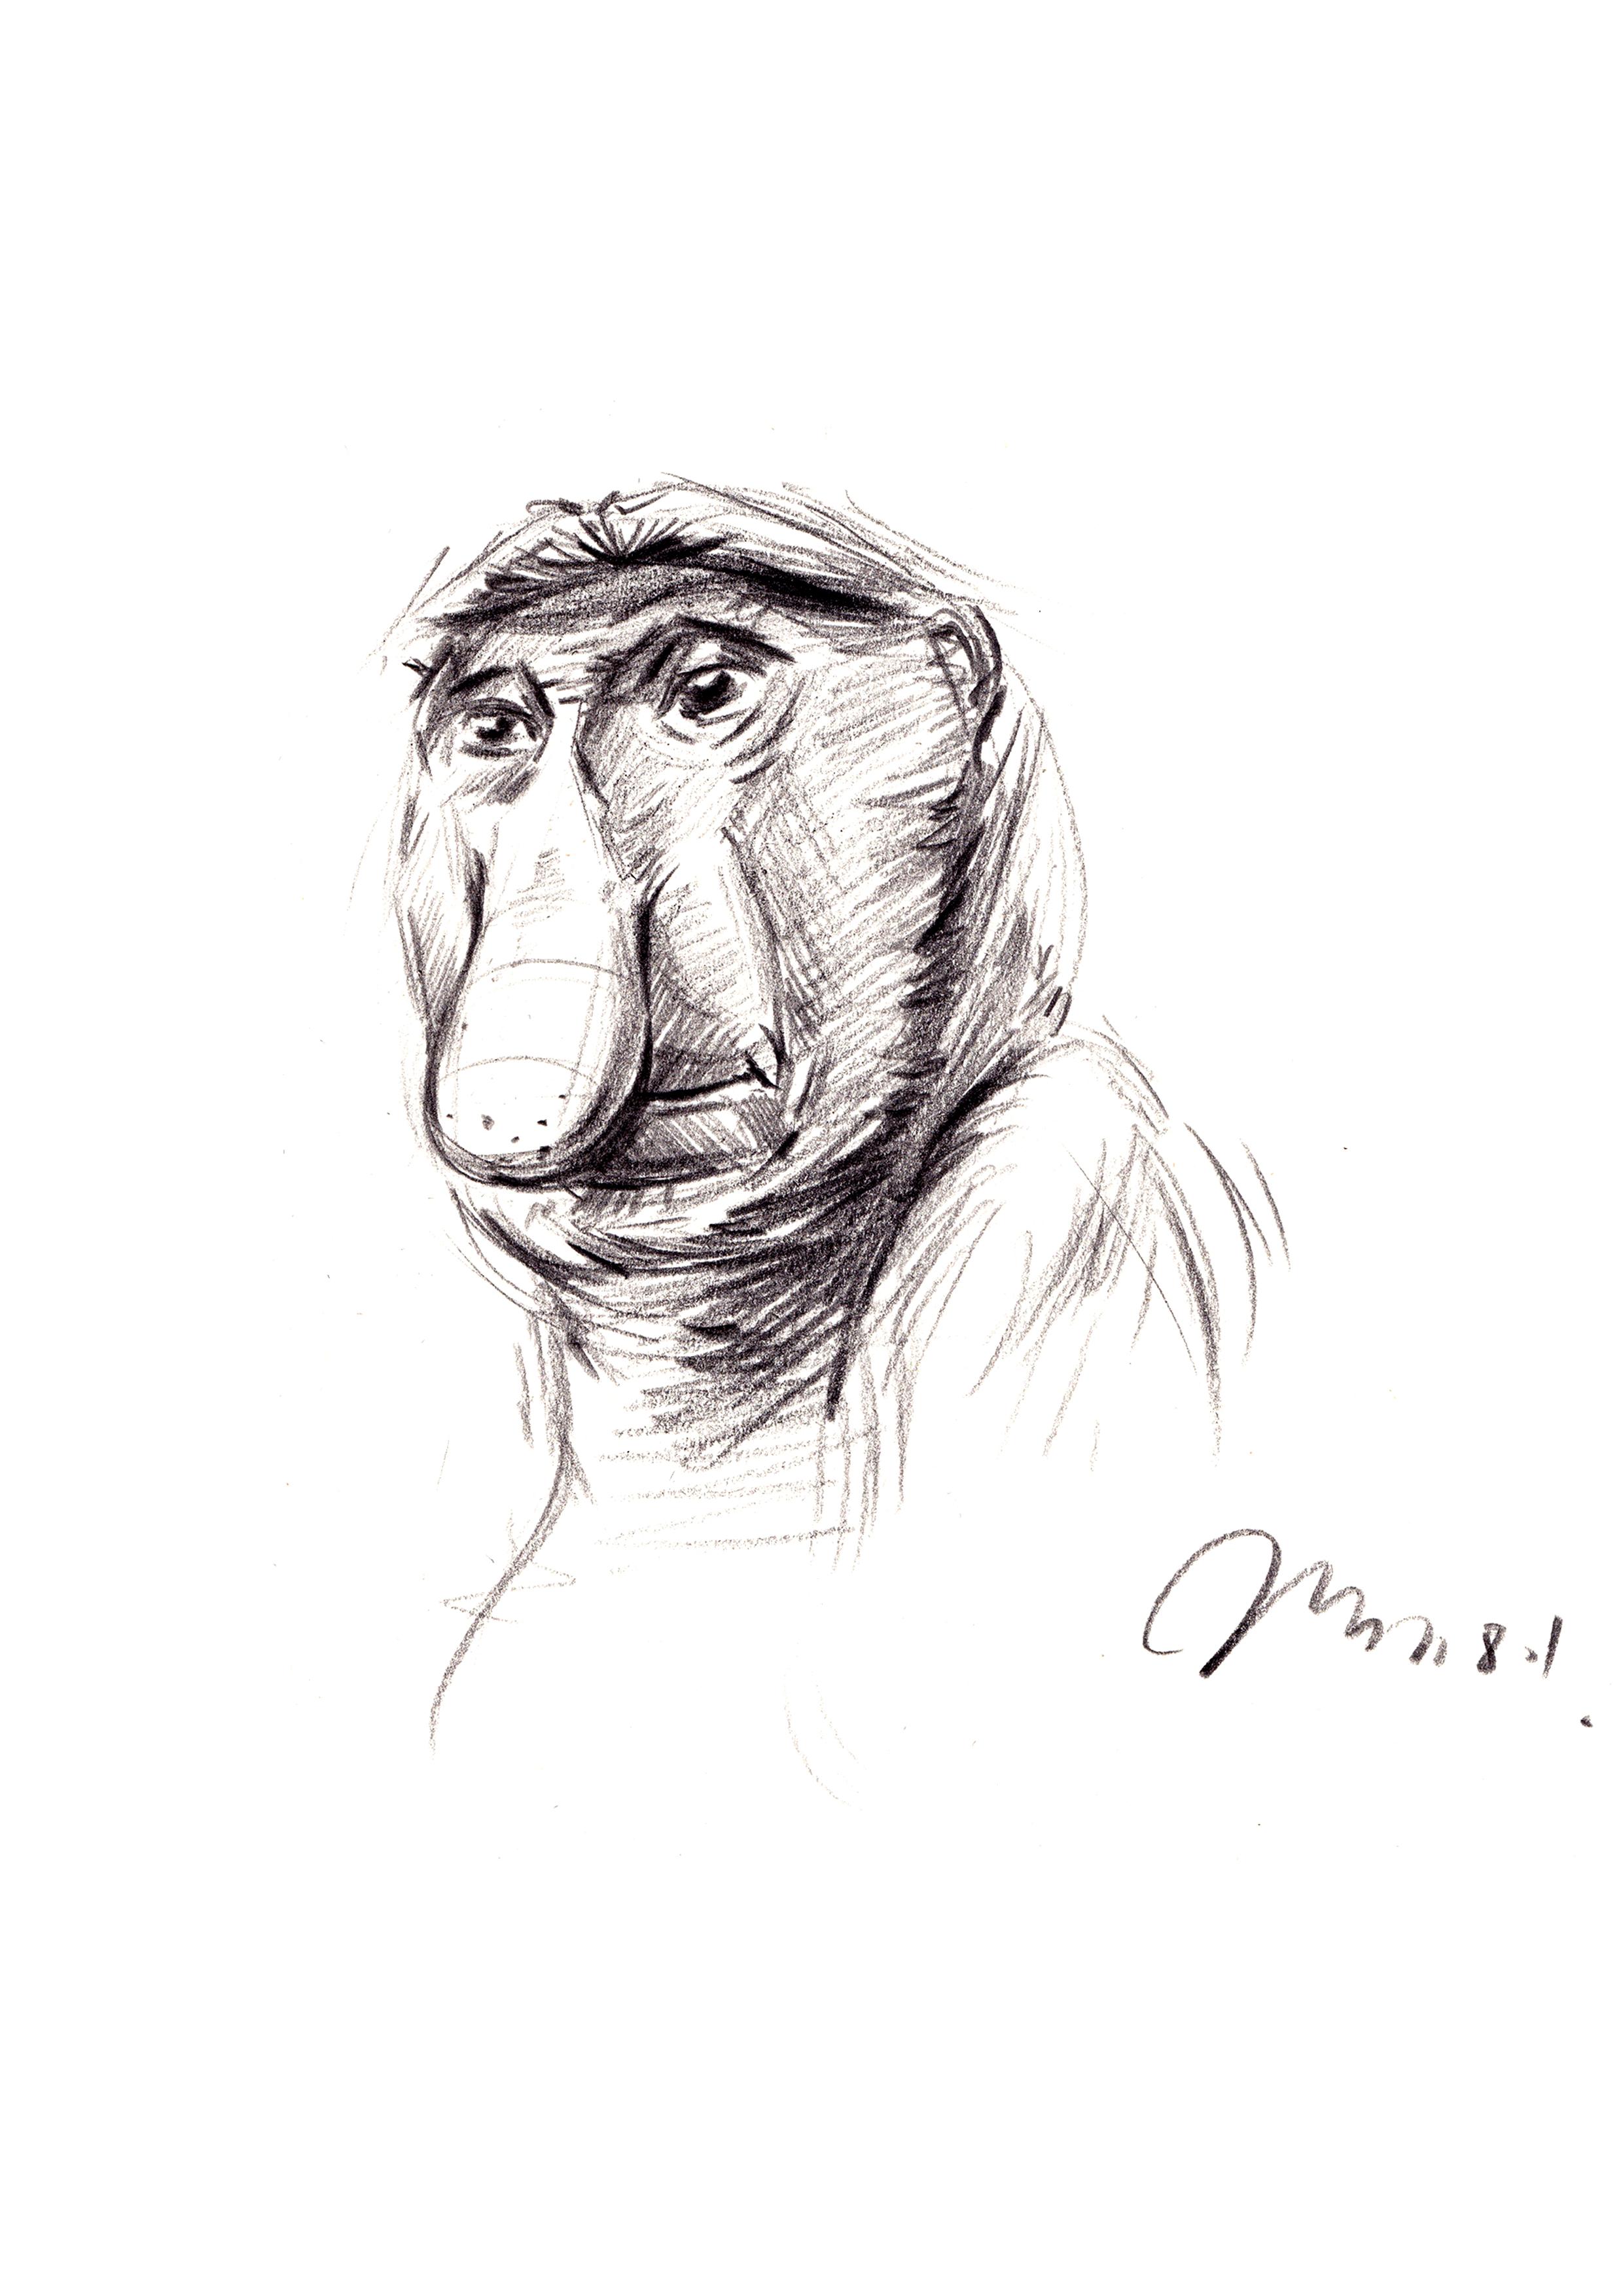 工业产品设计手绘之师法自然系列一 马赛(mars)作品